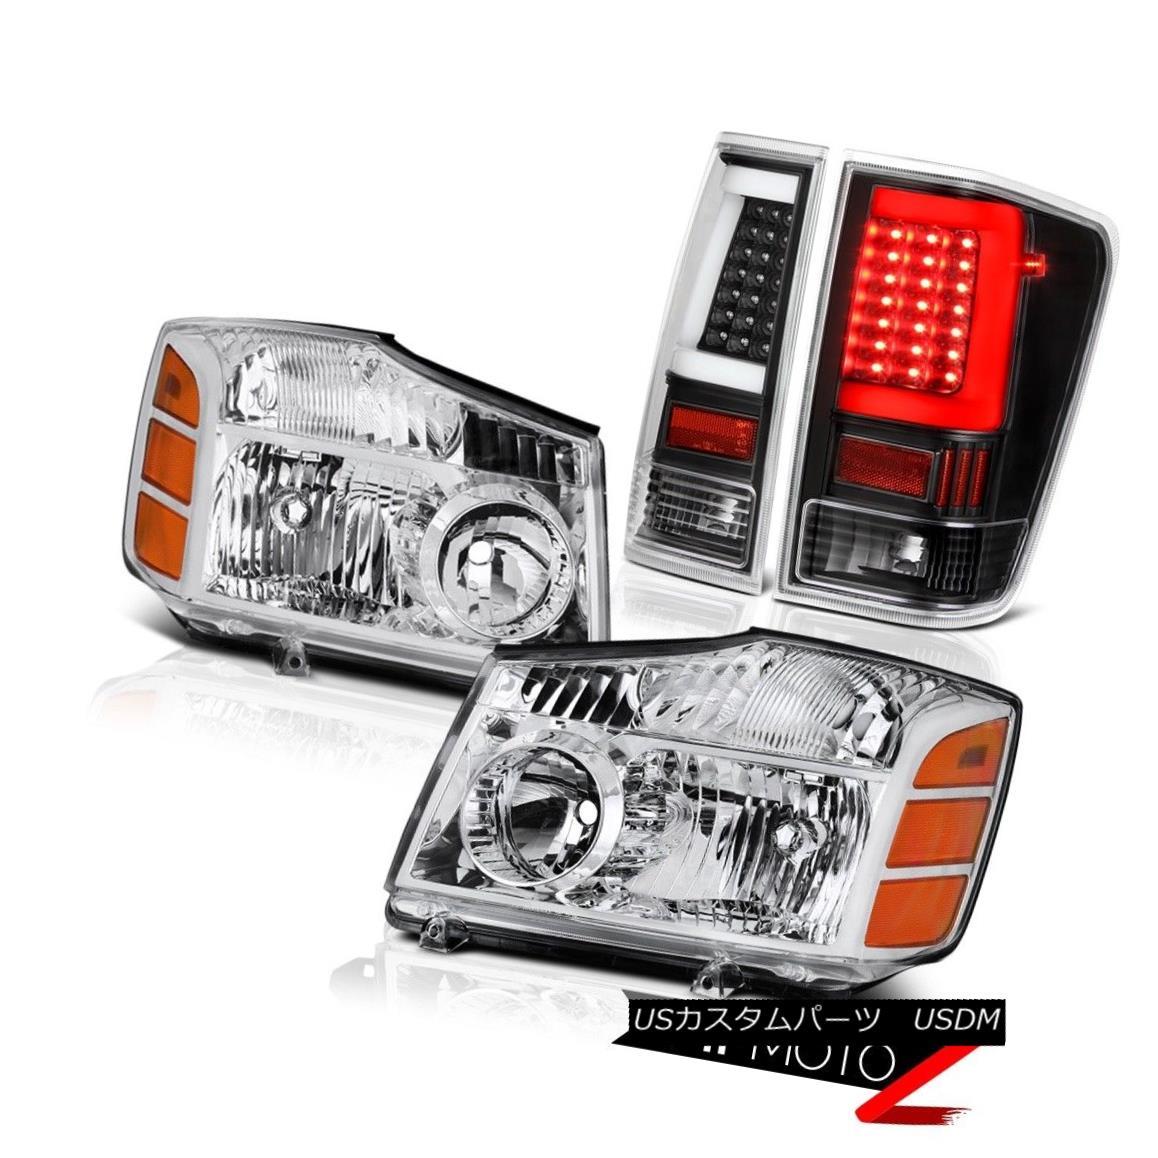 テールライト 04-14 For Nissan Titan Black Led Tube Tail Euro Chrome Head Lamps Replacement 04 - 14日産のタイタンブラックチューブテールのユーロクロームヘッドランプの交換